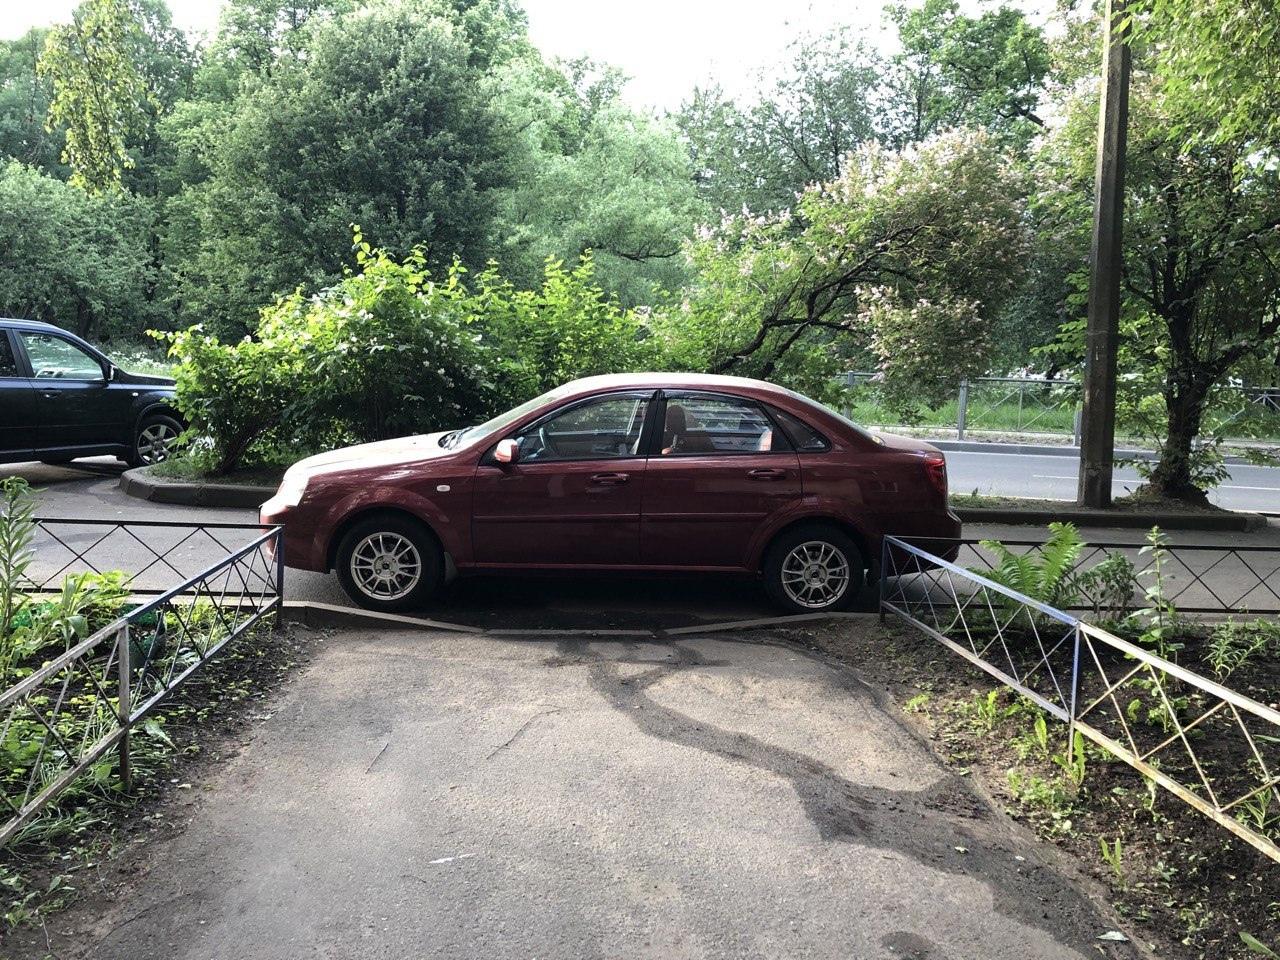 Что двигало этим мастером парковки - неизвестно. Рядом полно свободных мест, а он раскорячился ровне...